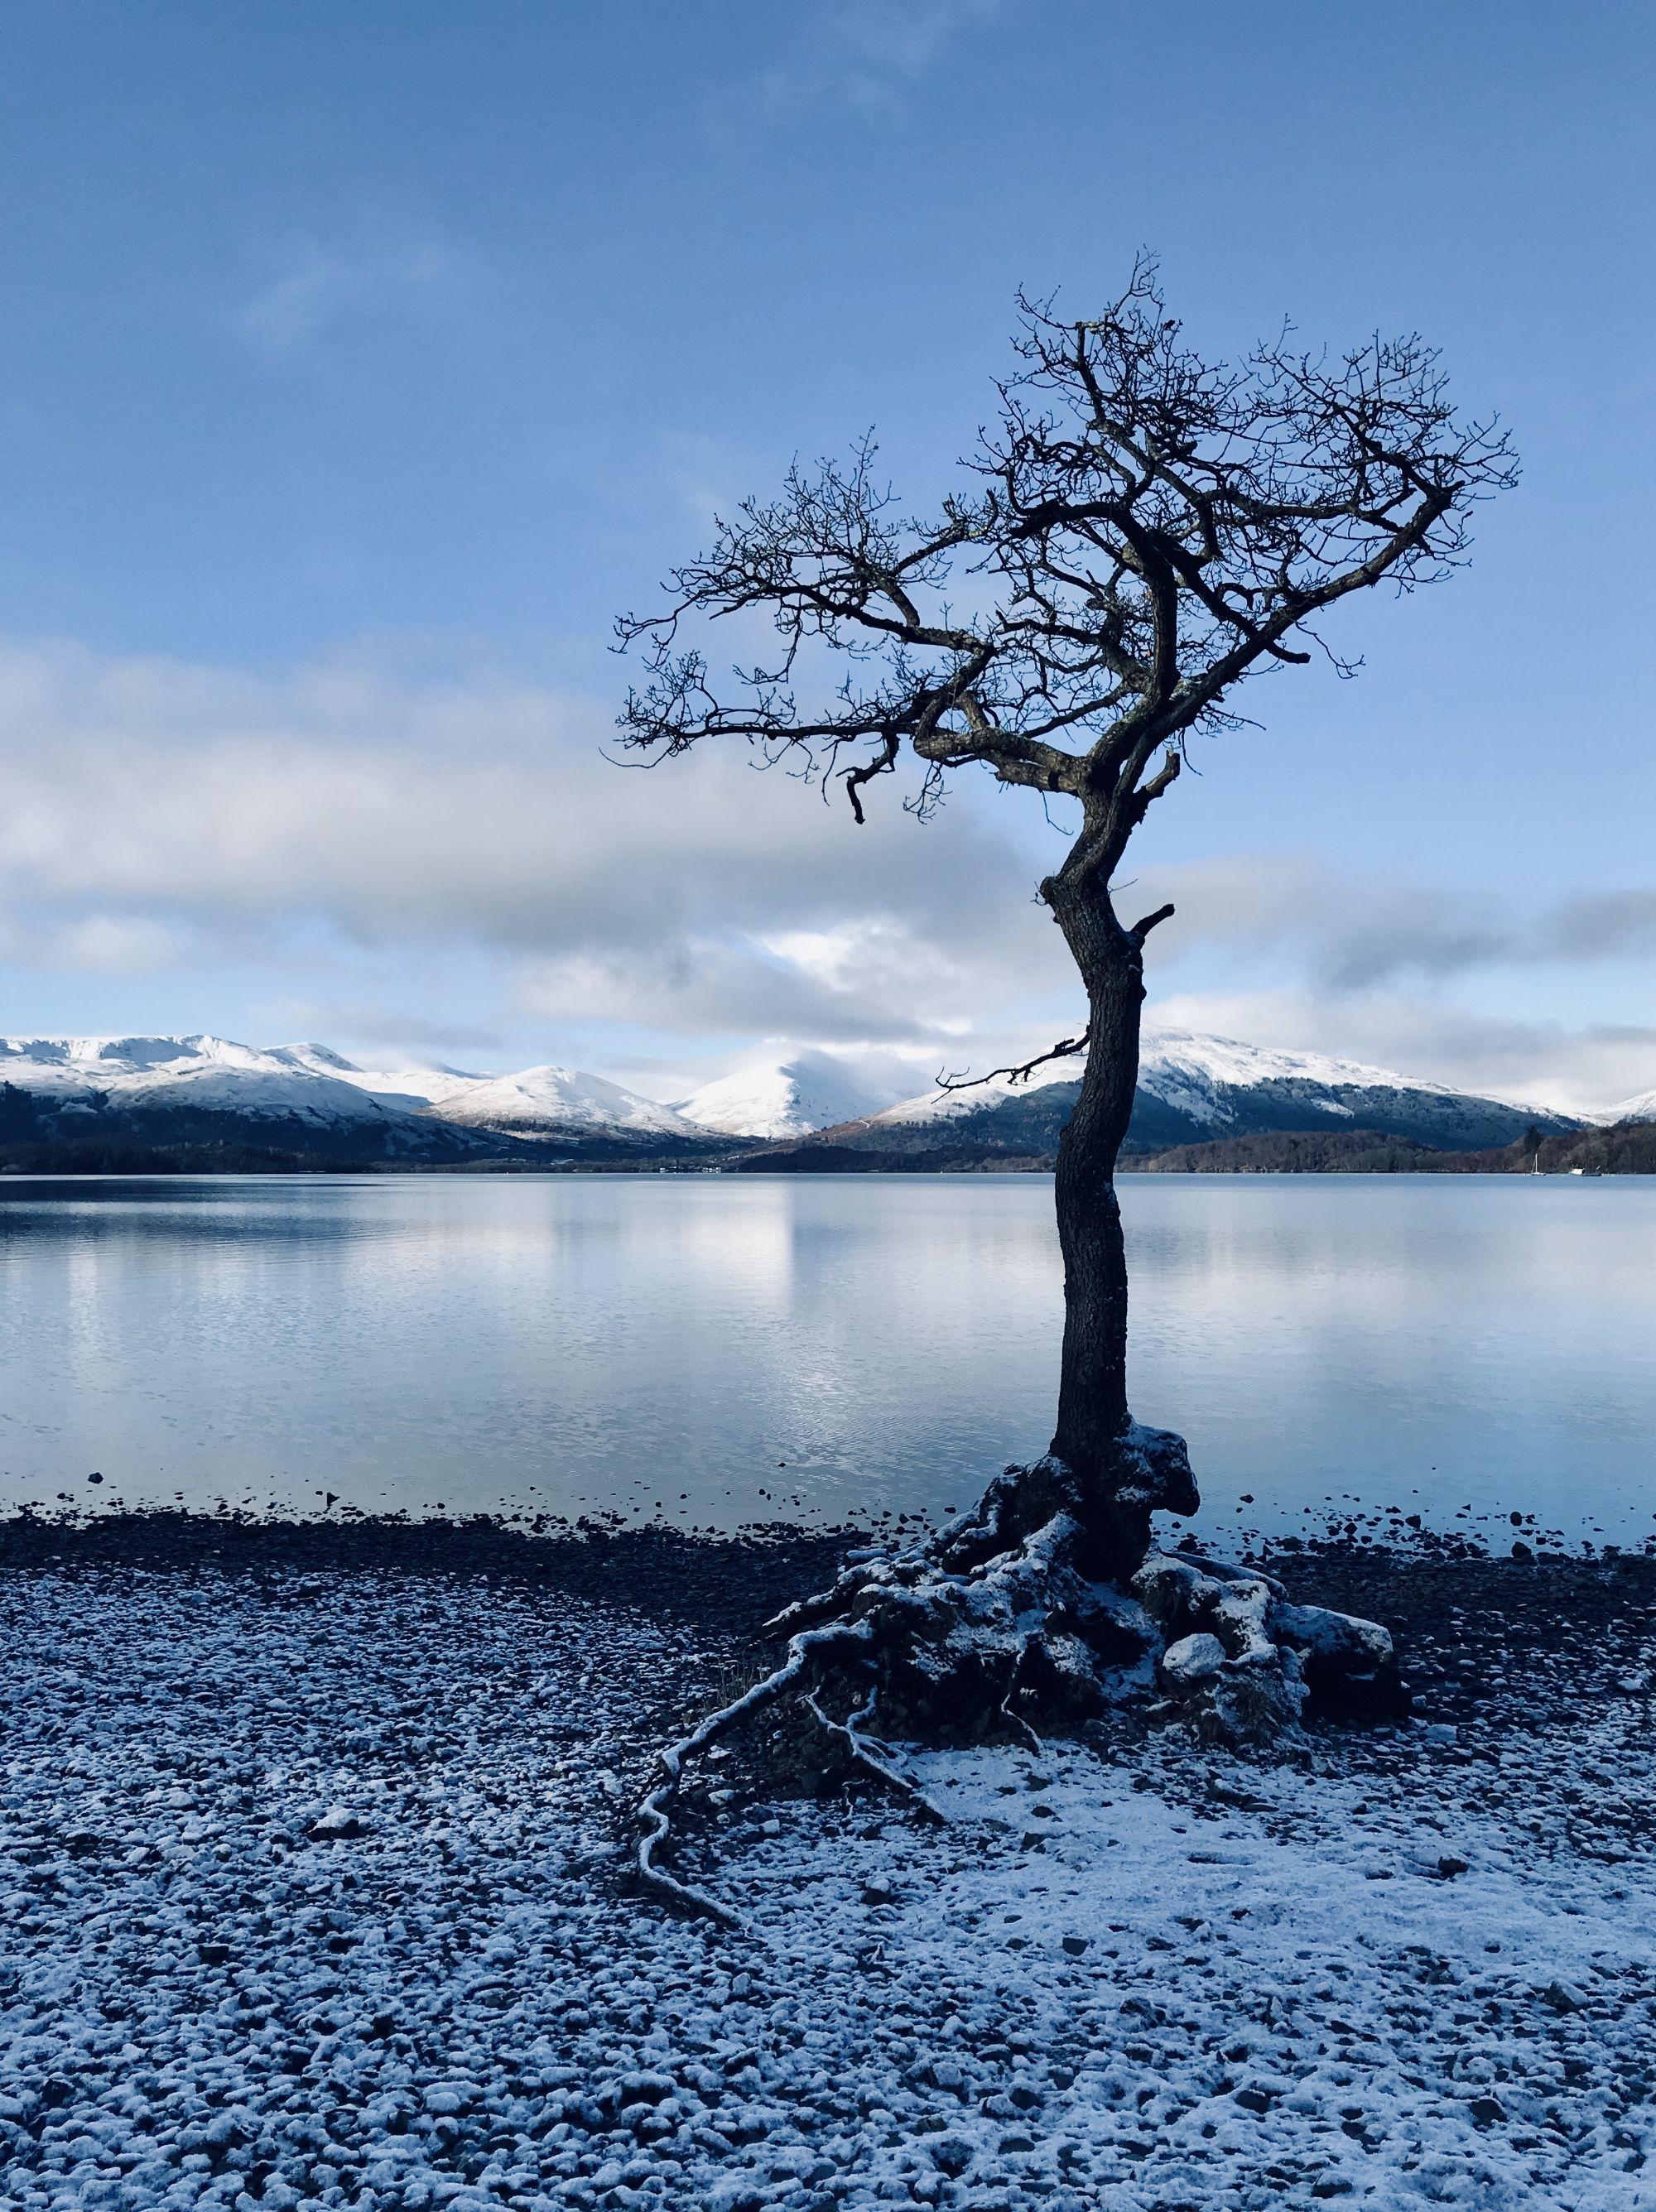 Chilly Loch